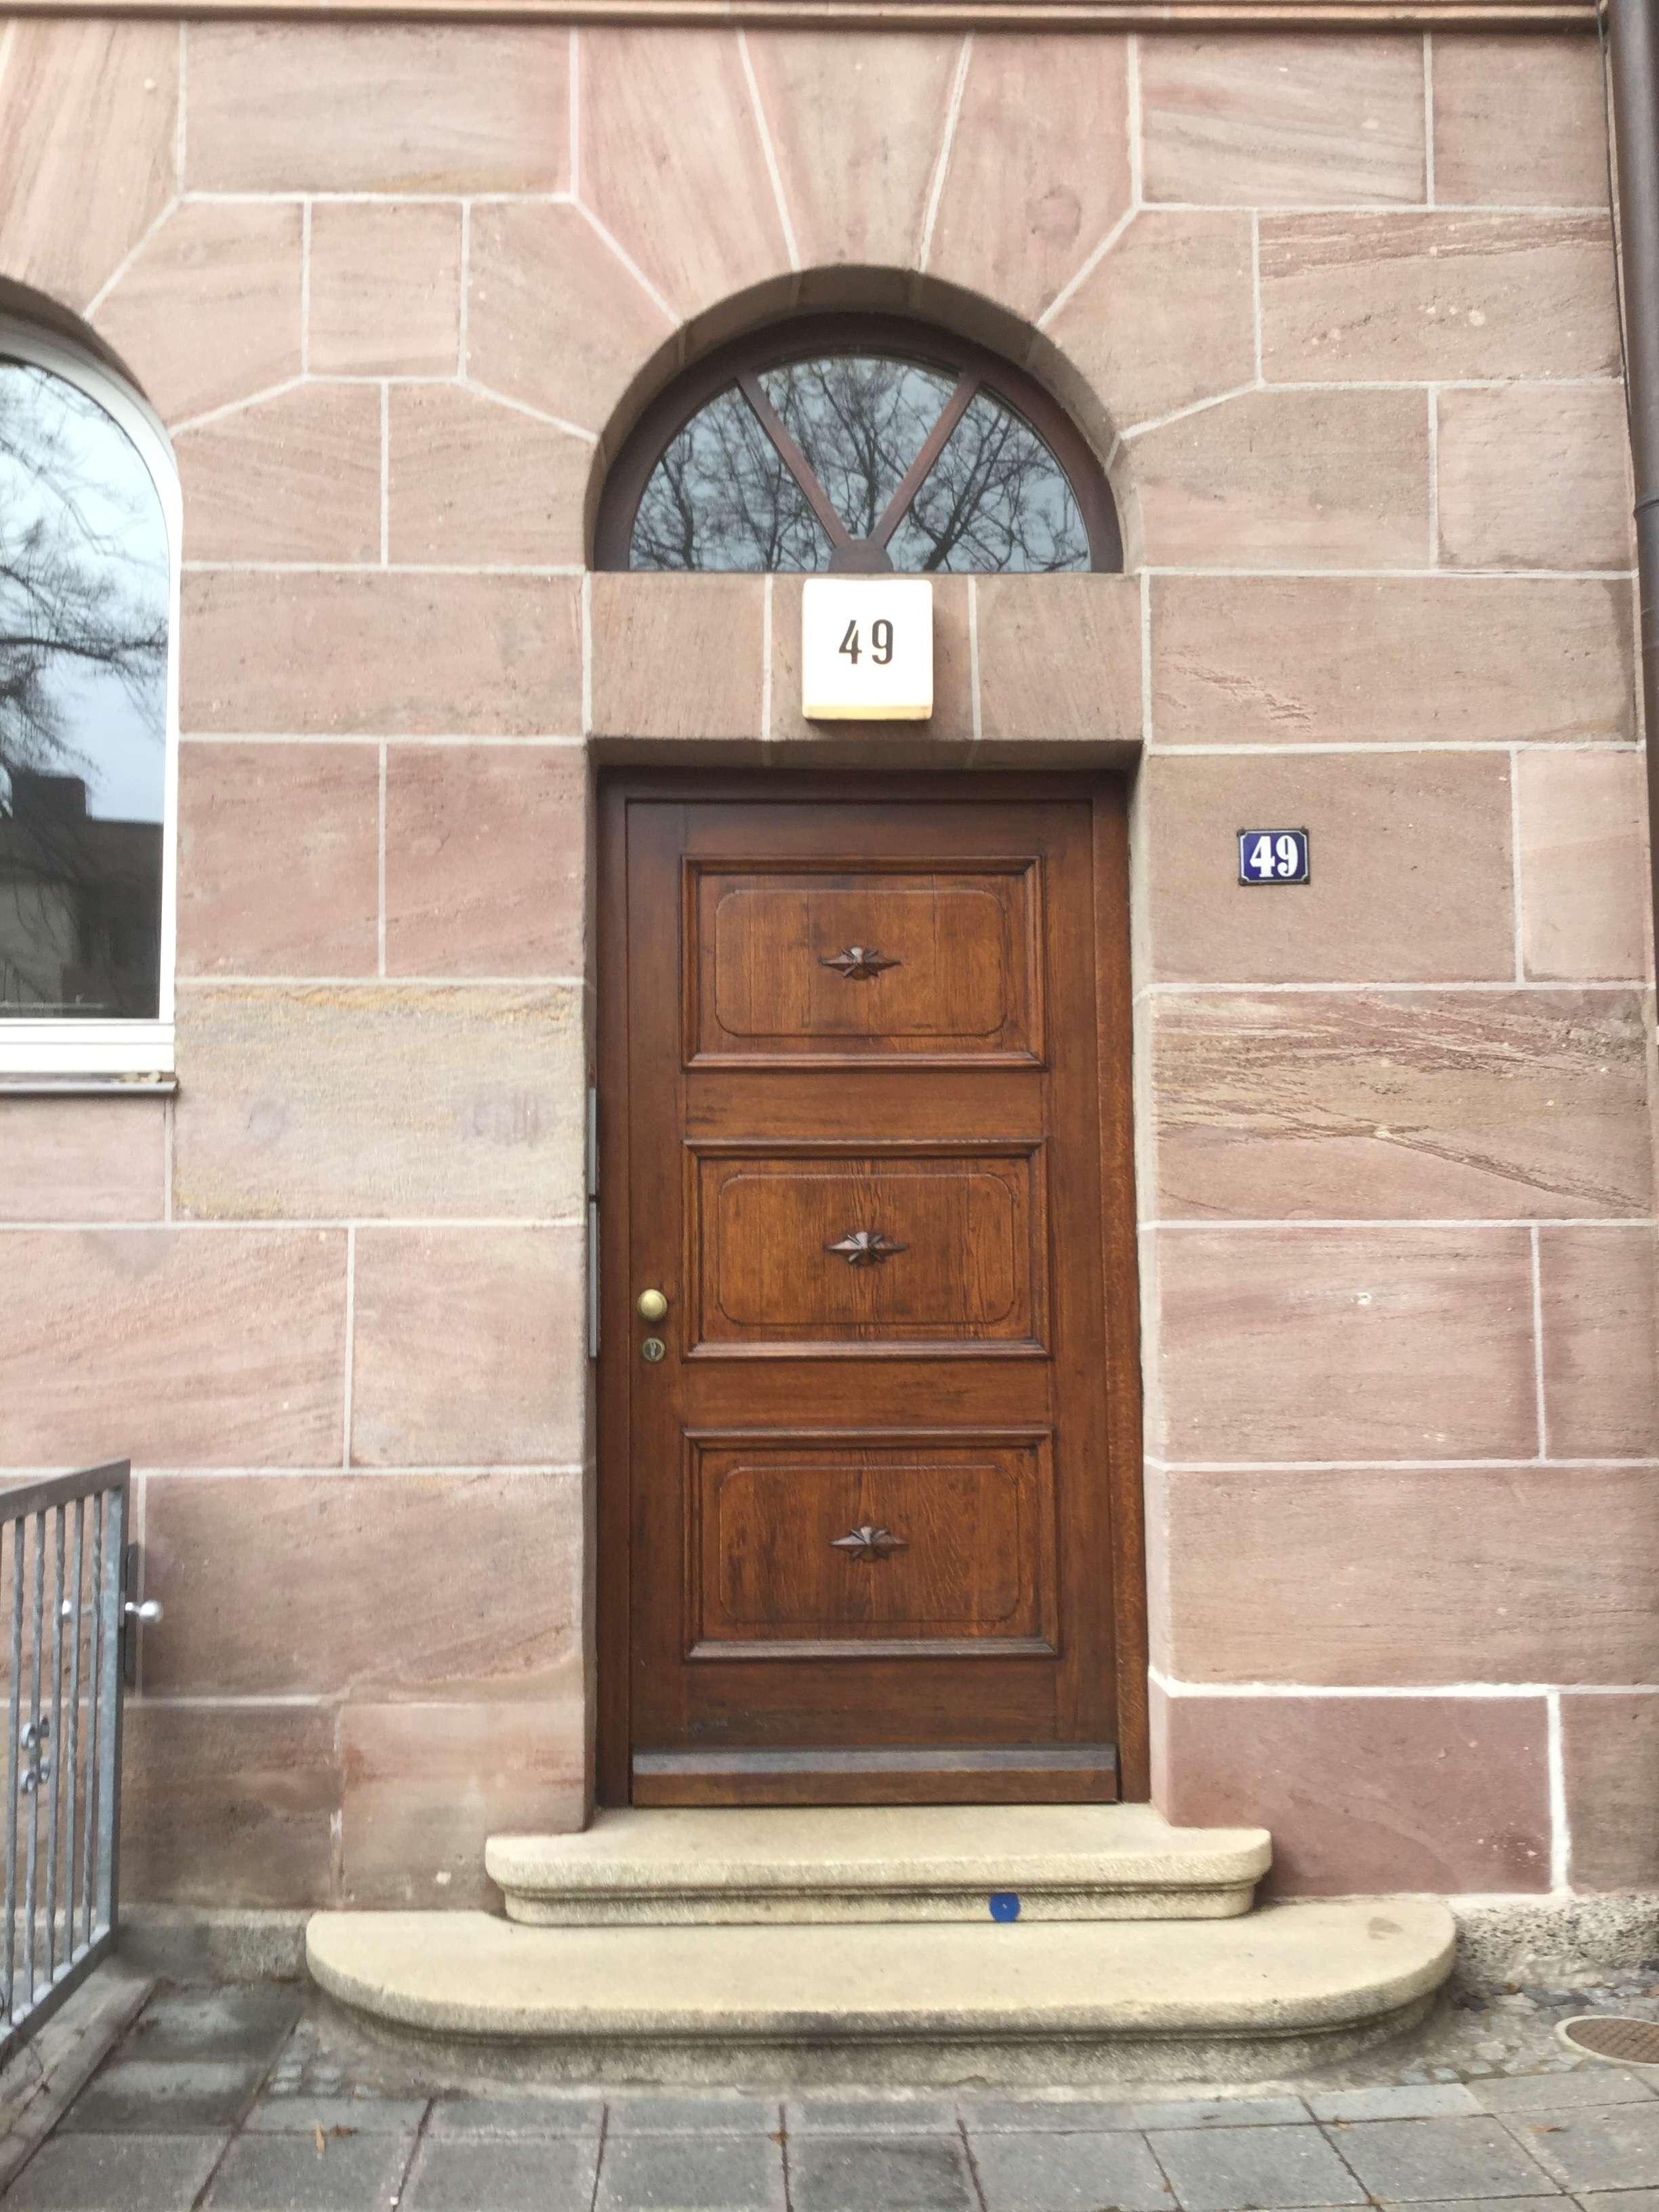 Geräumige 3-Zimmer-Wohnung zur Miete in Nürnberg in Guntherstraße (Nürnberg)